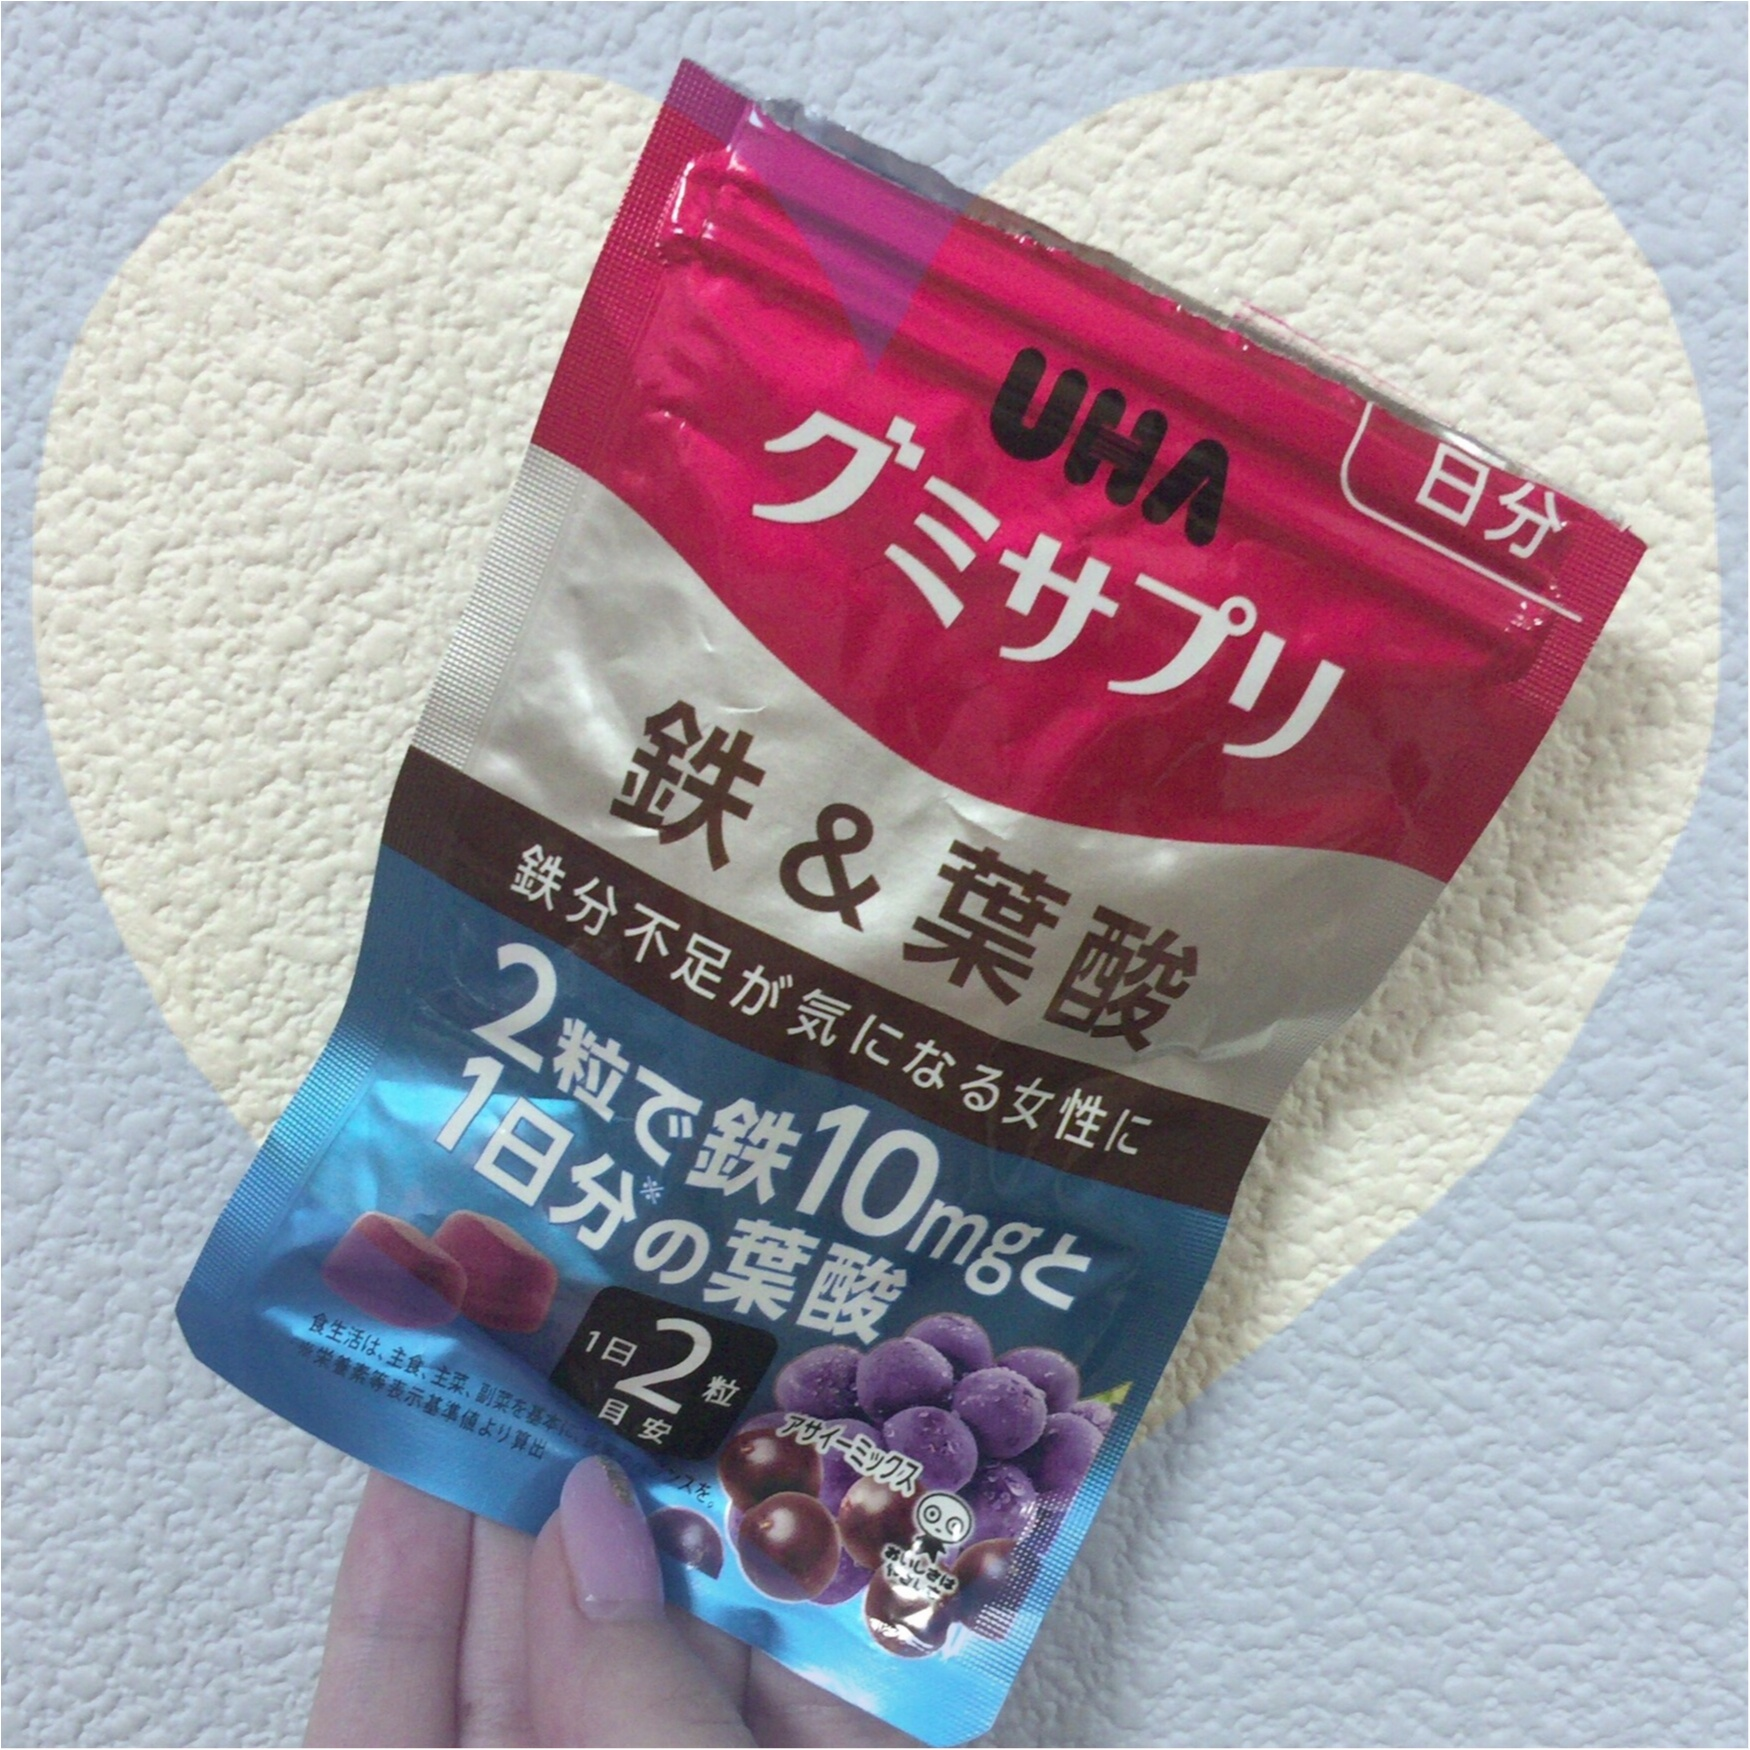 サプリはグミで摂る時代?私がグミサプリをおすすめする4つの理由♡hiiko_1